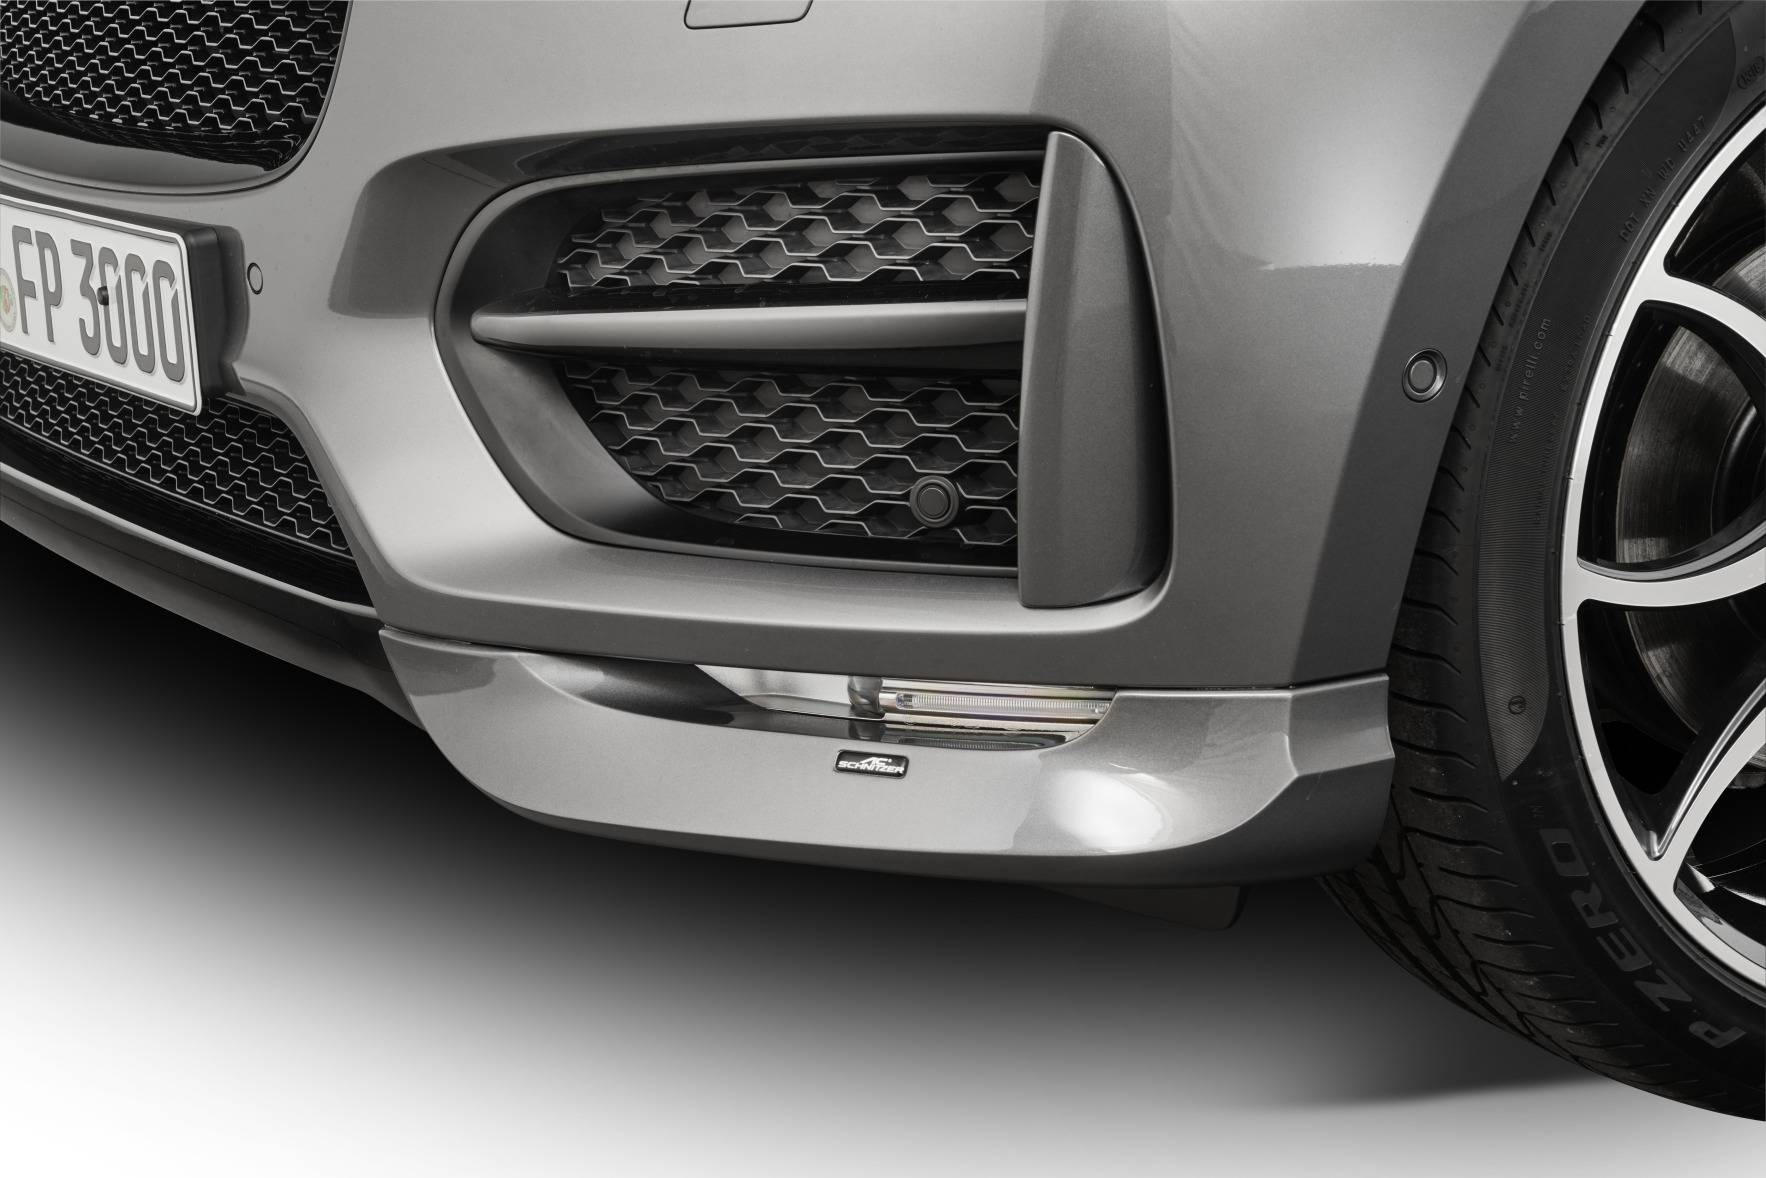 Тюнер также разработал новые колесные диски, чтобы отметить официальный тюнинг Jaguar впервые в истории компании.